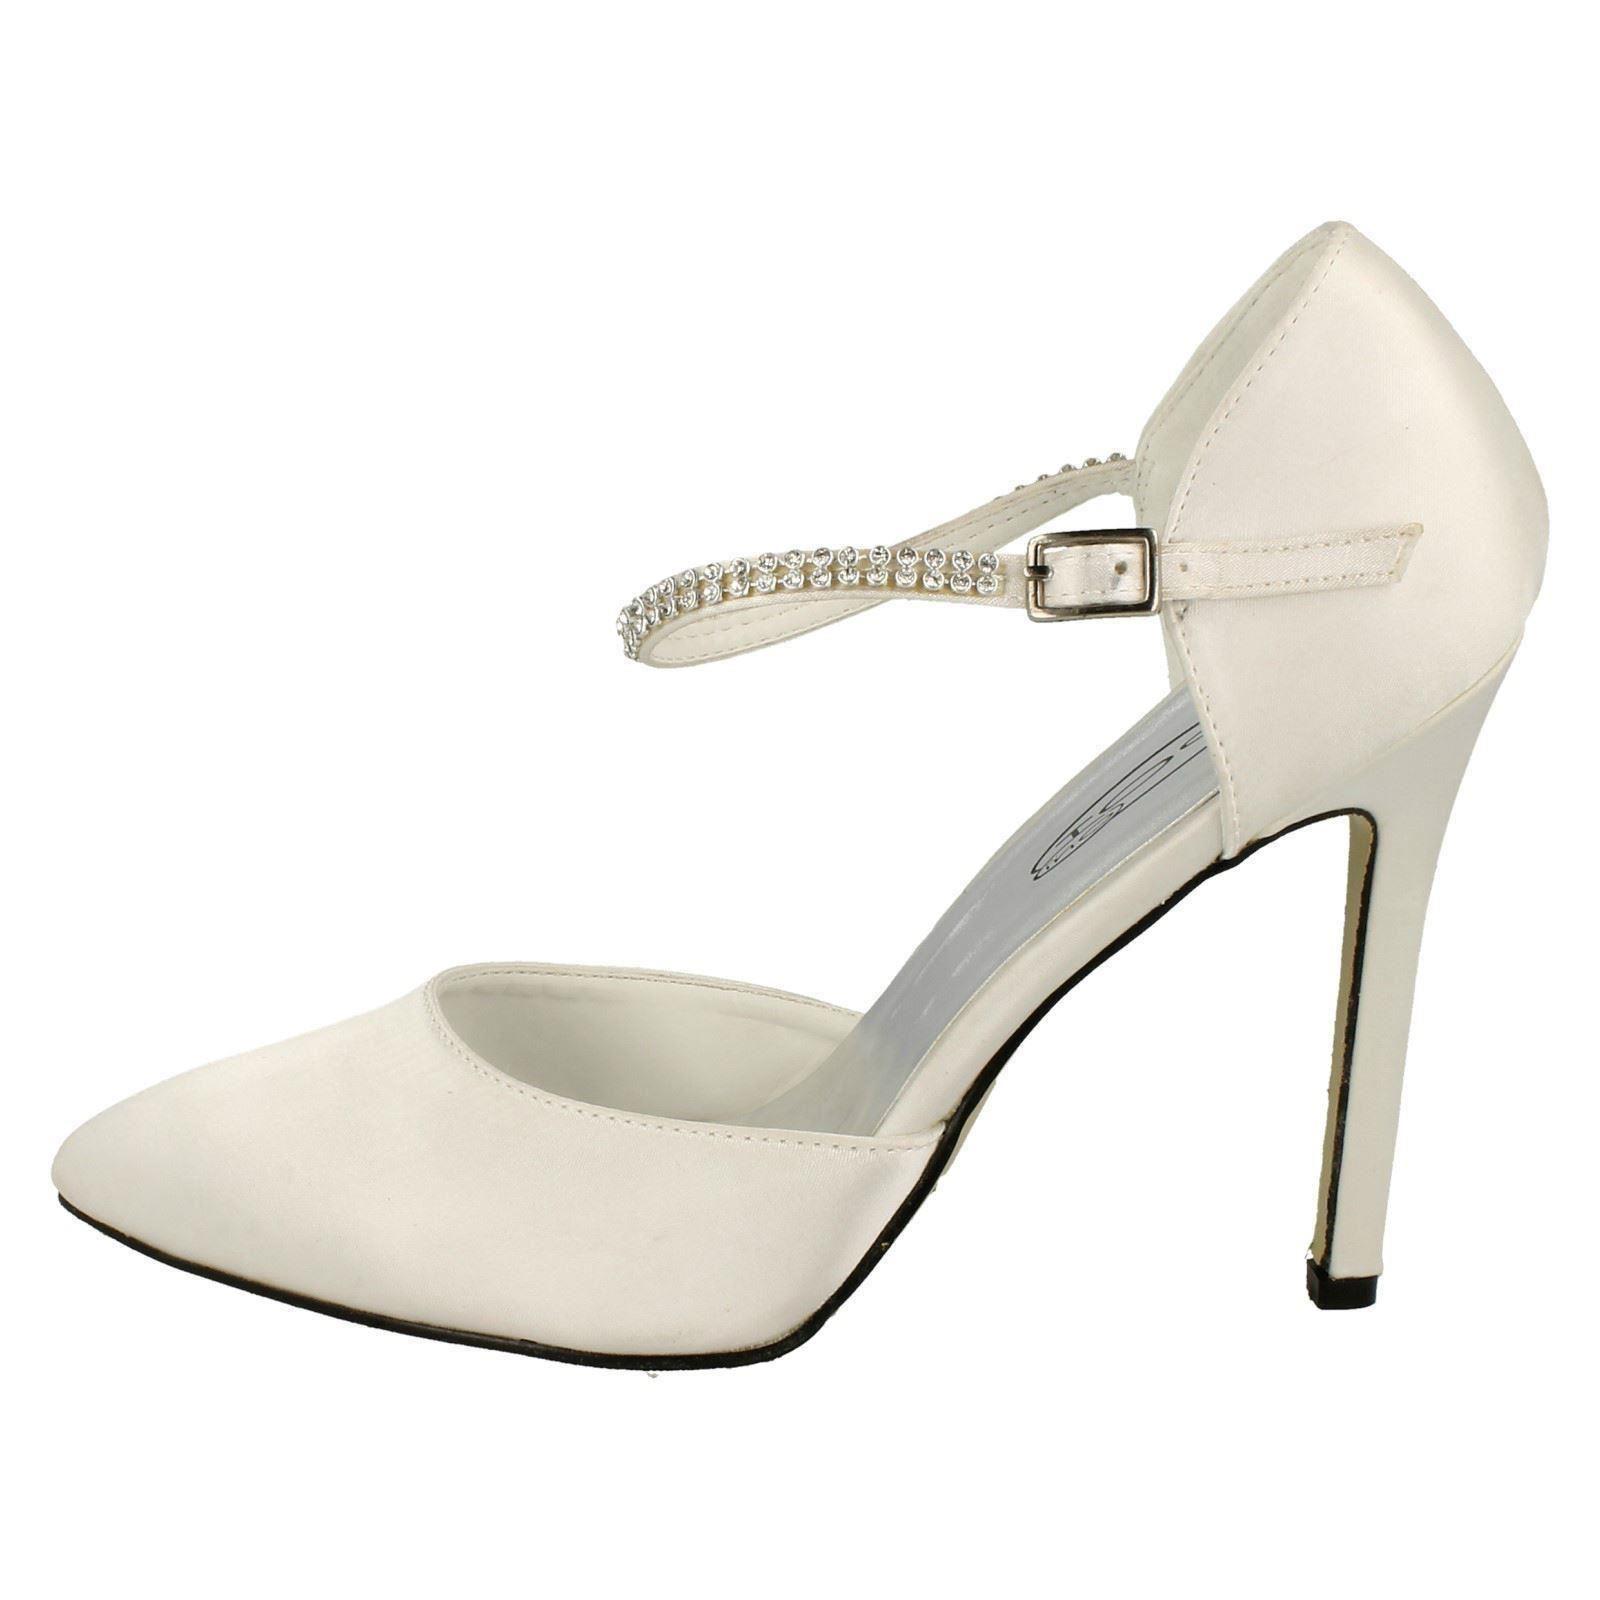 Donna-Anne-Michelle-Scarpe-da-festa-con-strass-039-Cinturino-alla-caviglia-039